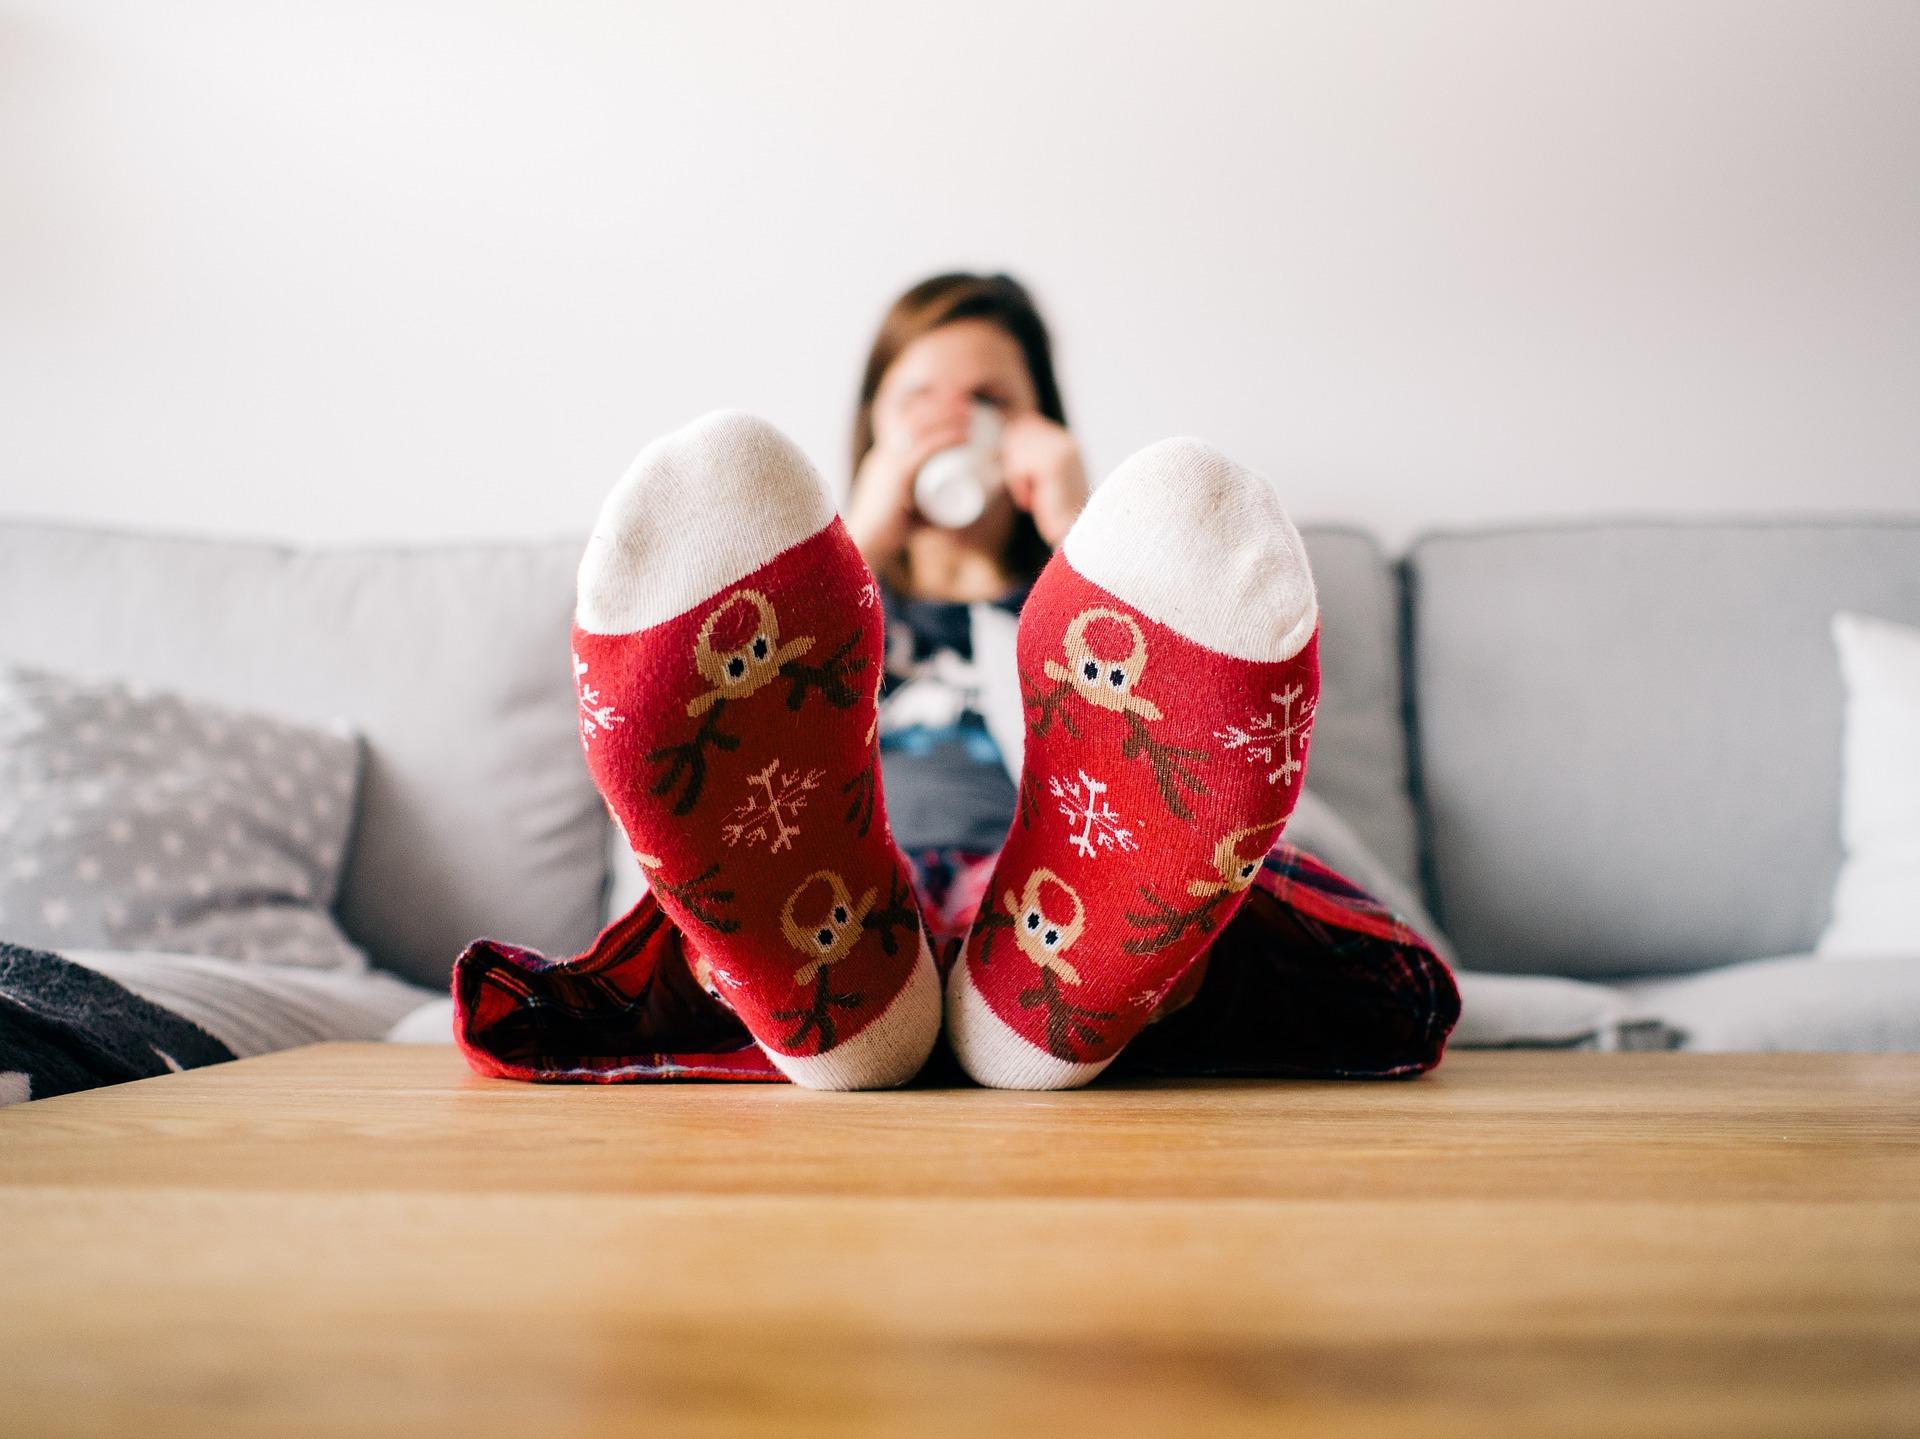 Joyeuses fêtes ©tookapic CC0 Pixabay